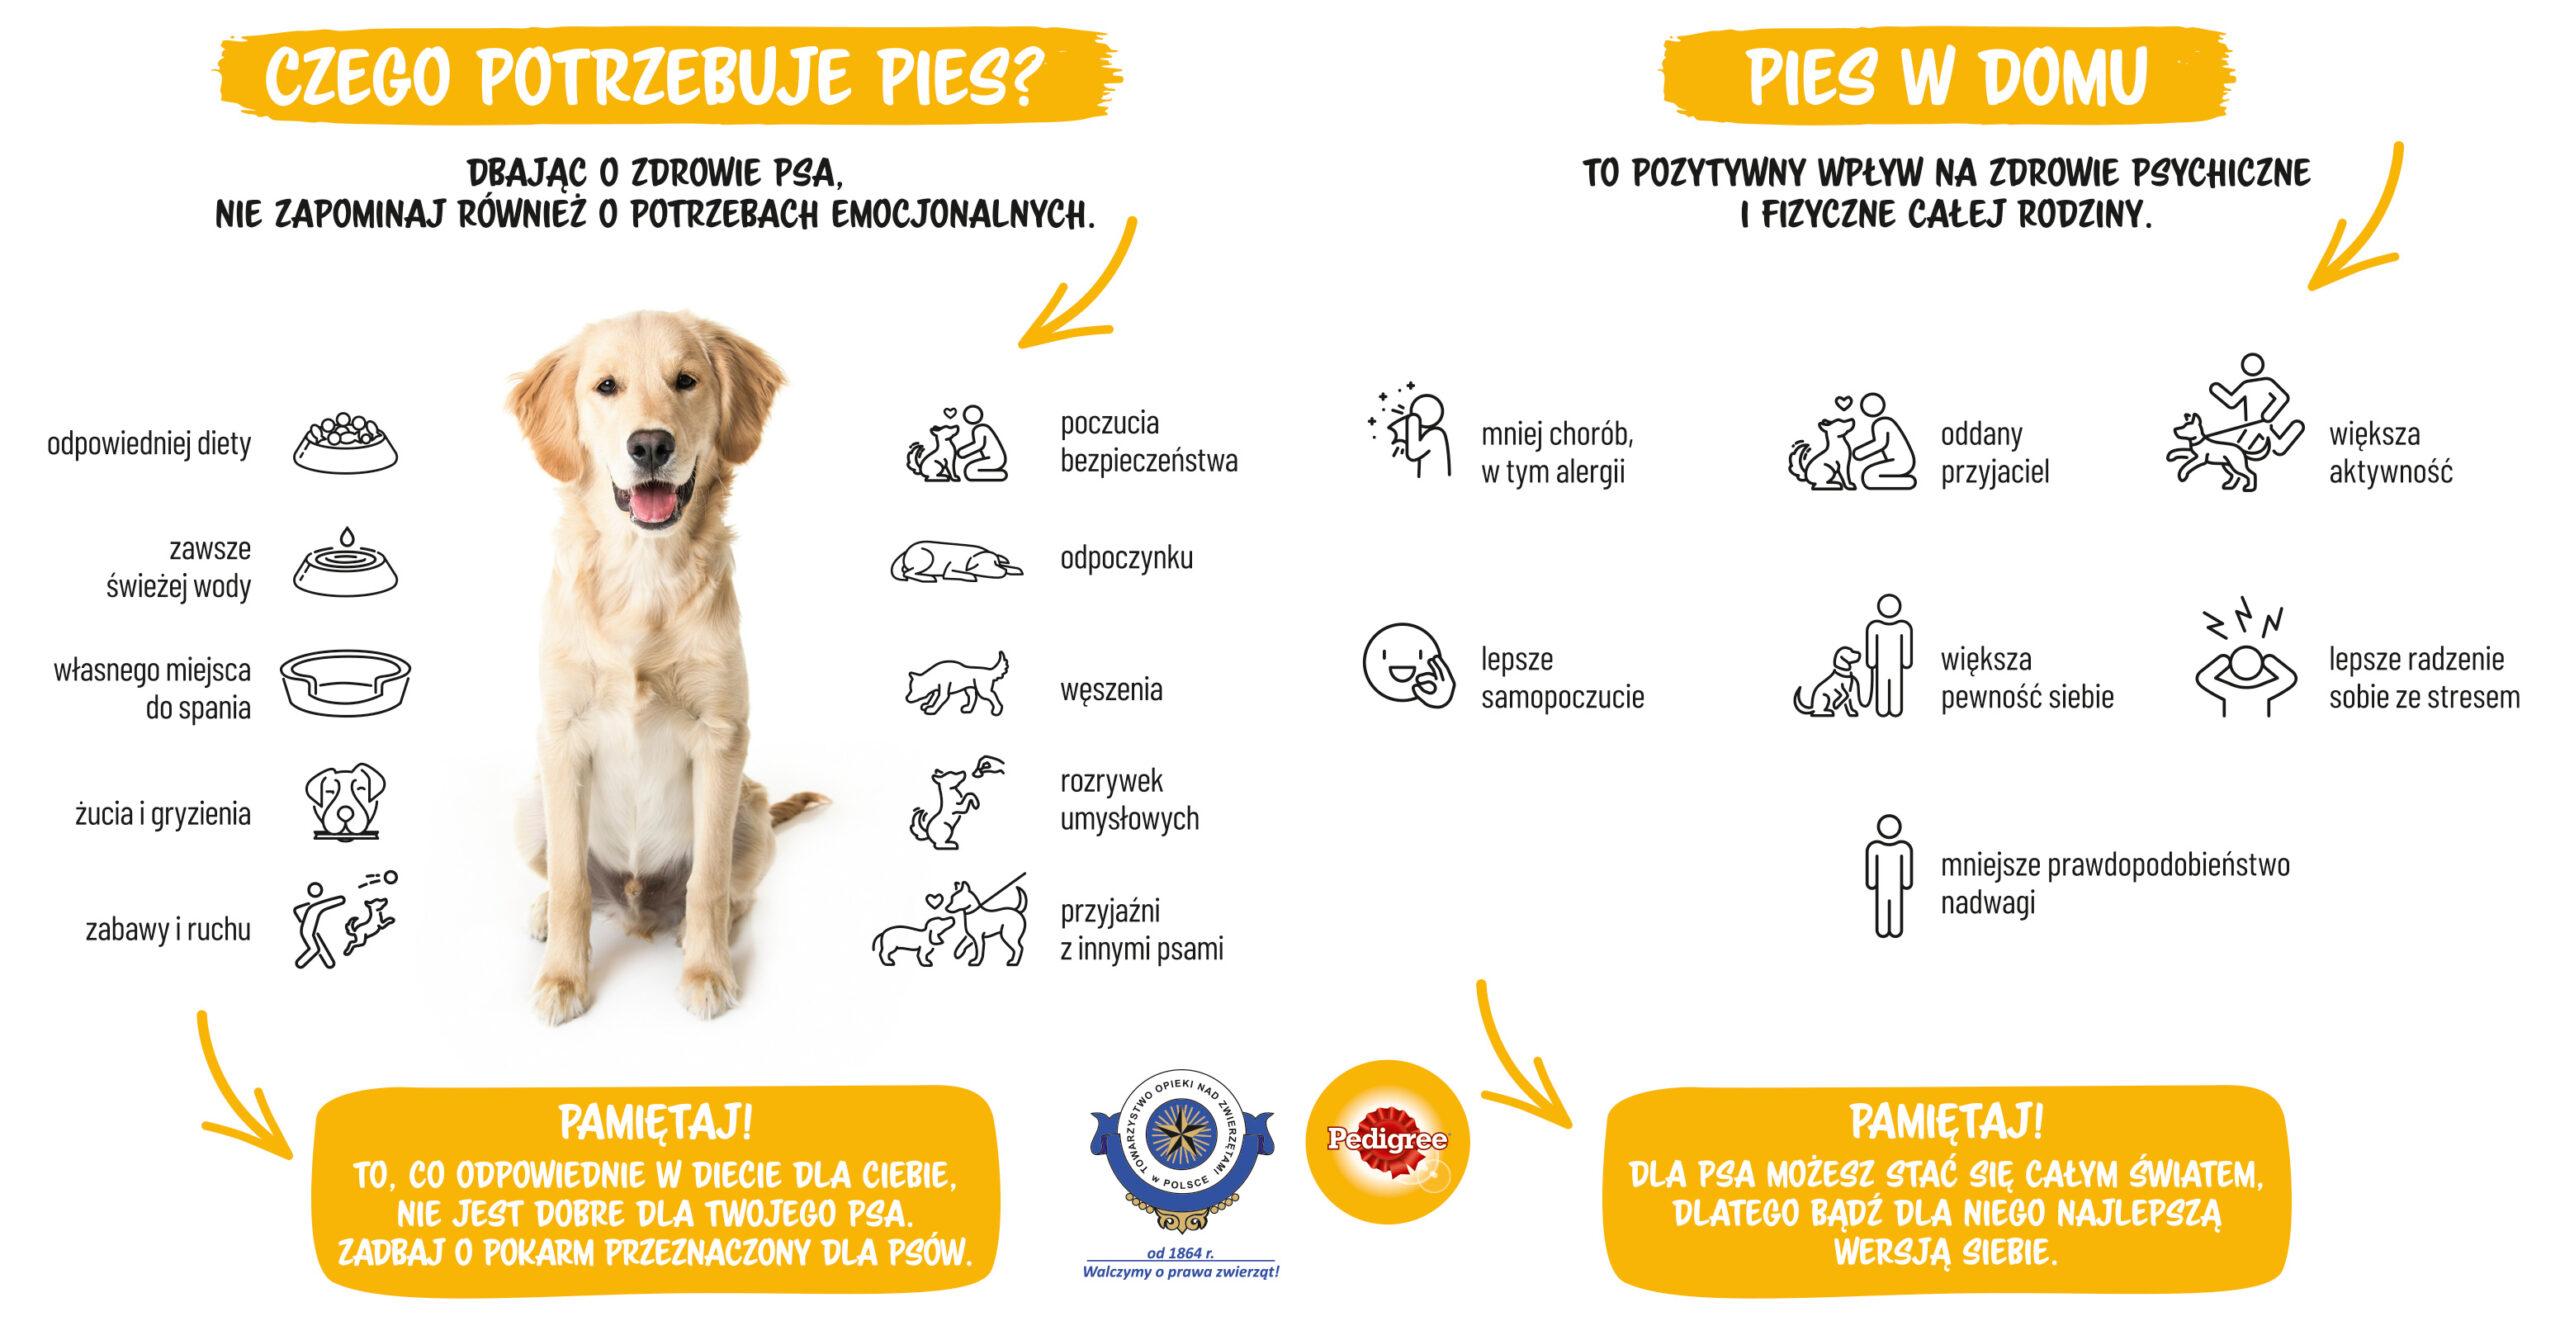 Czego potrzebuje pies?